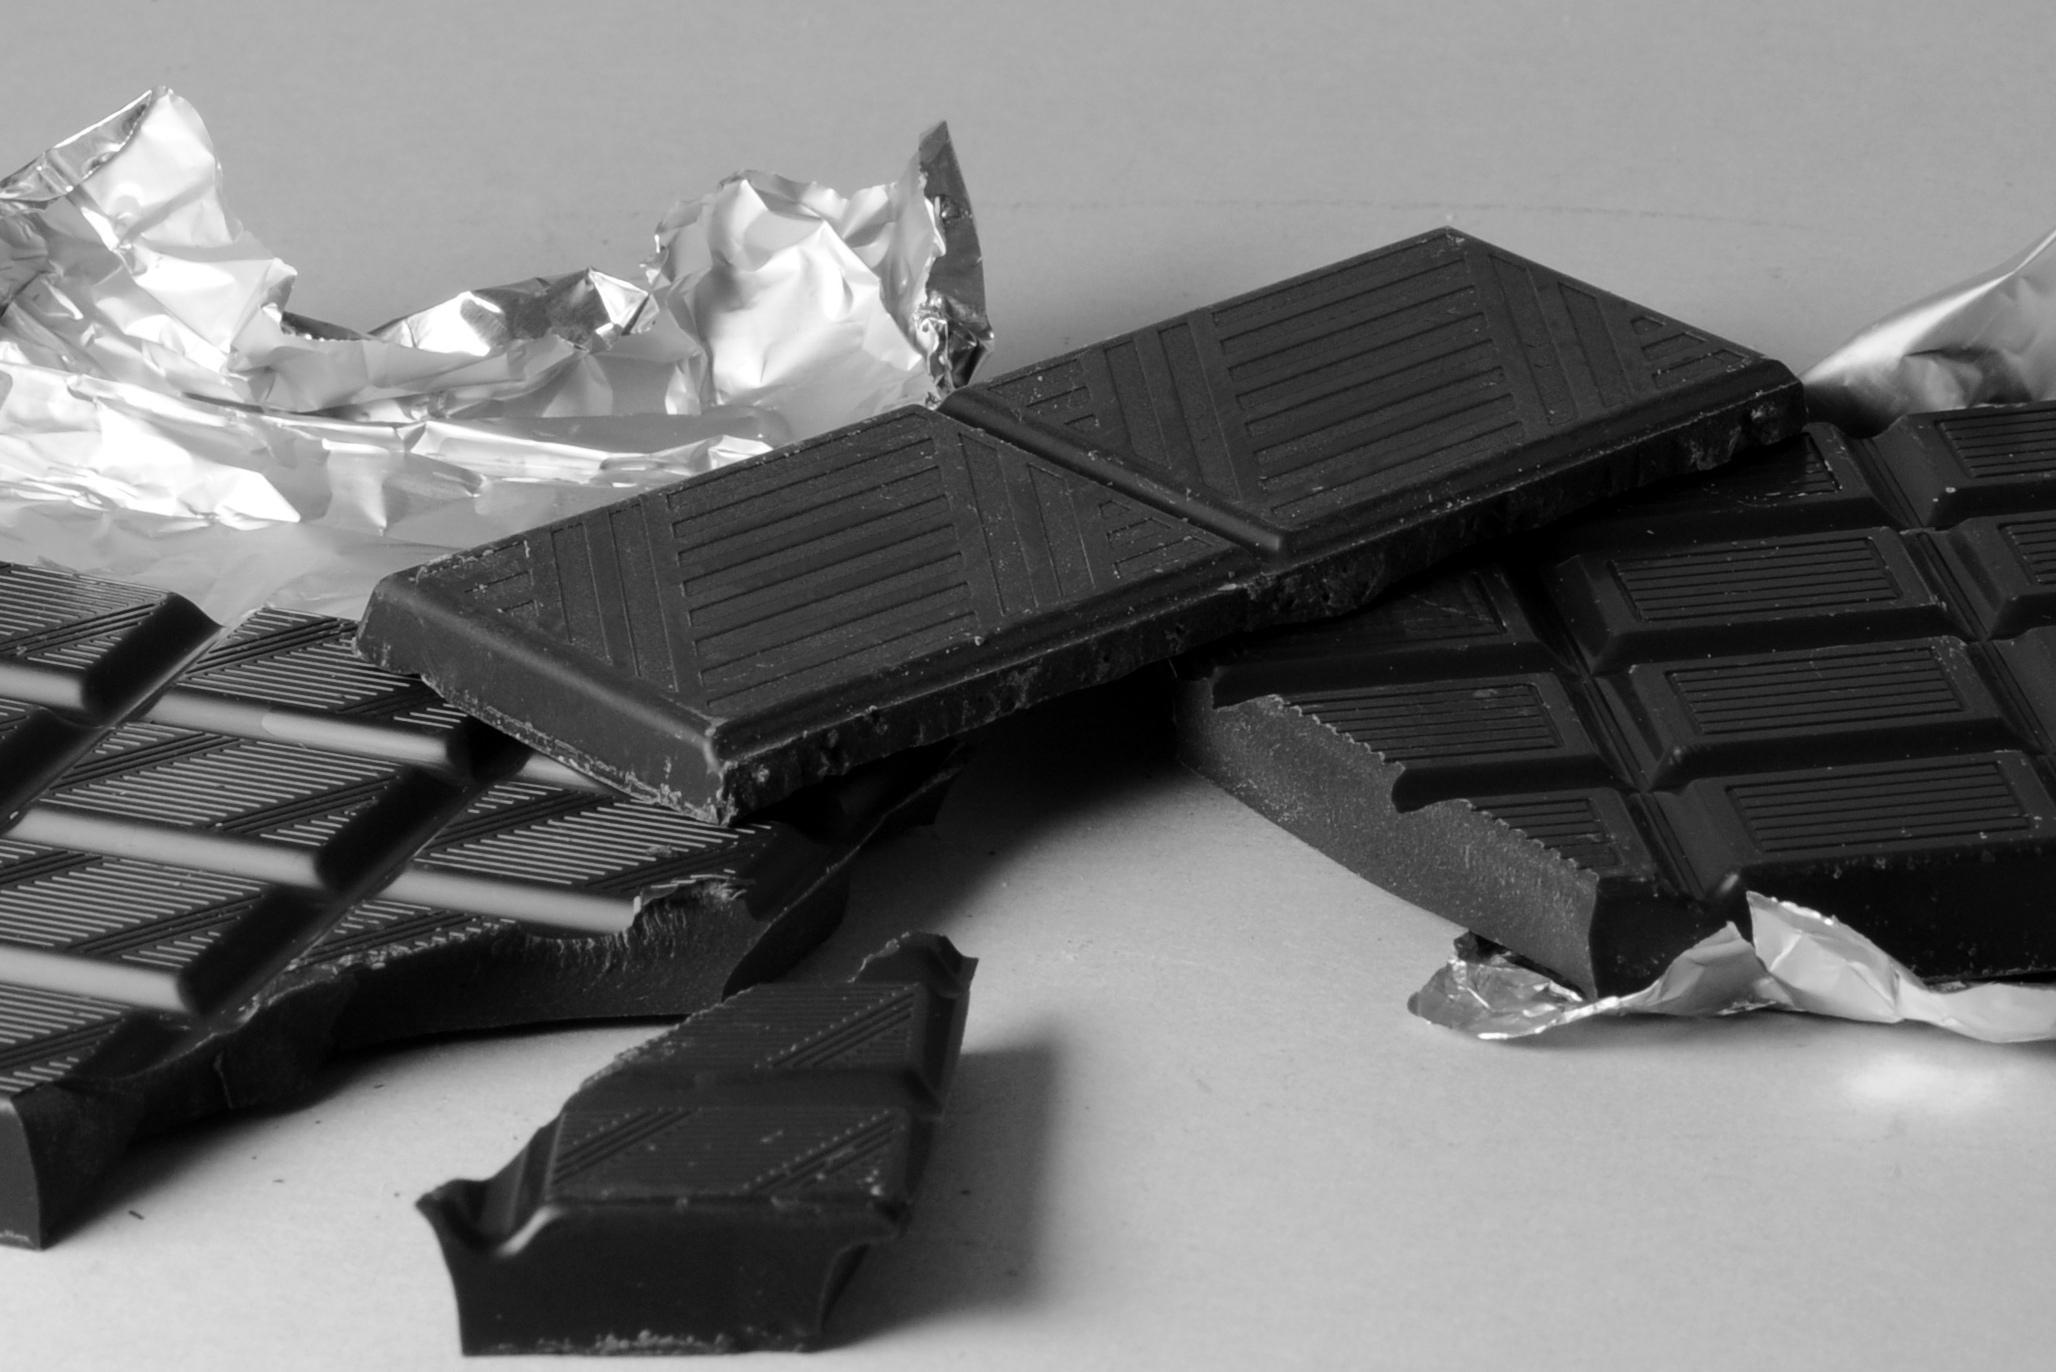 Hình ảnh socola đen